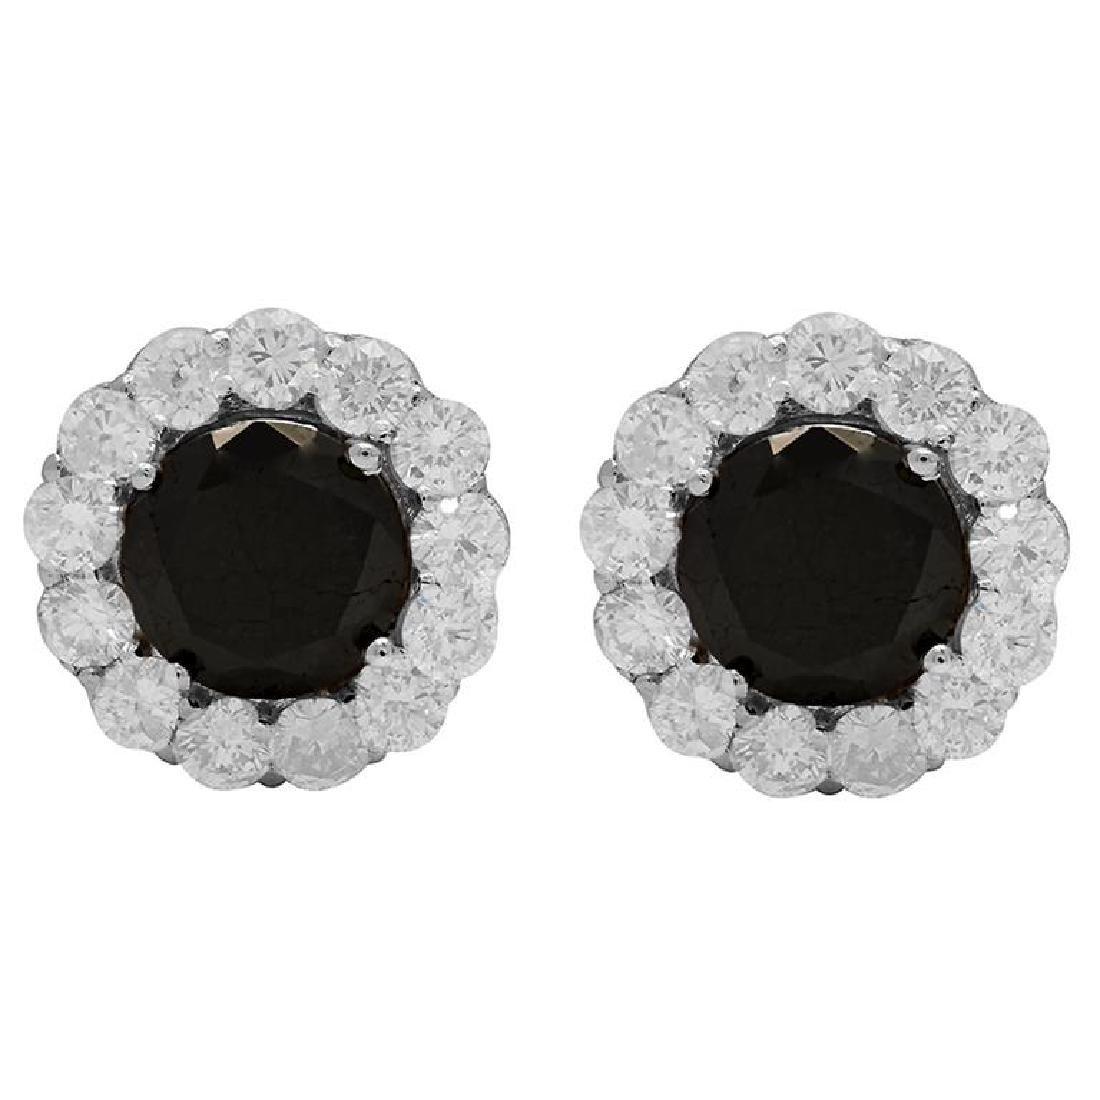 14k White Gold 2.65ct & 1.78ct Diamond Earrings